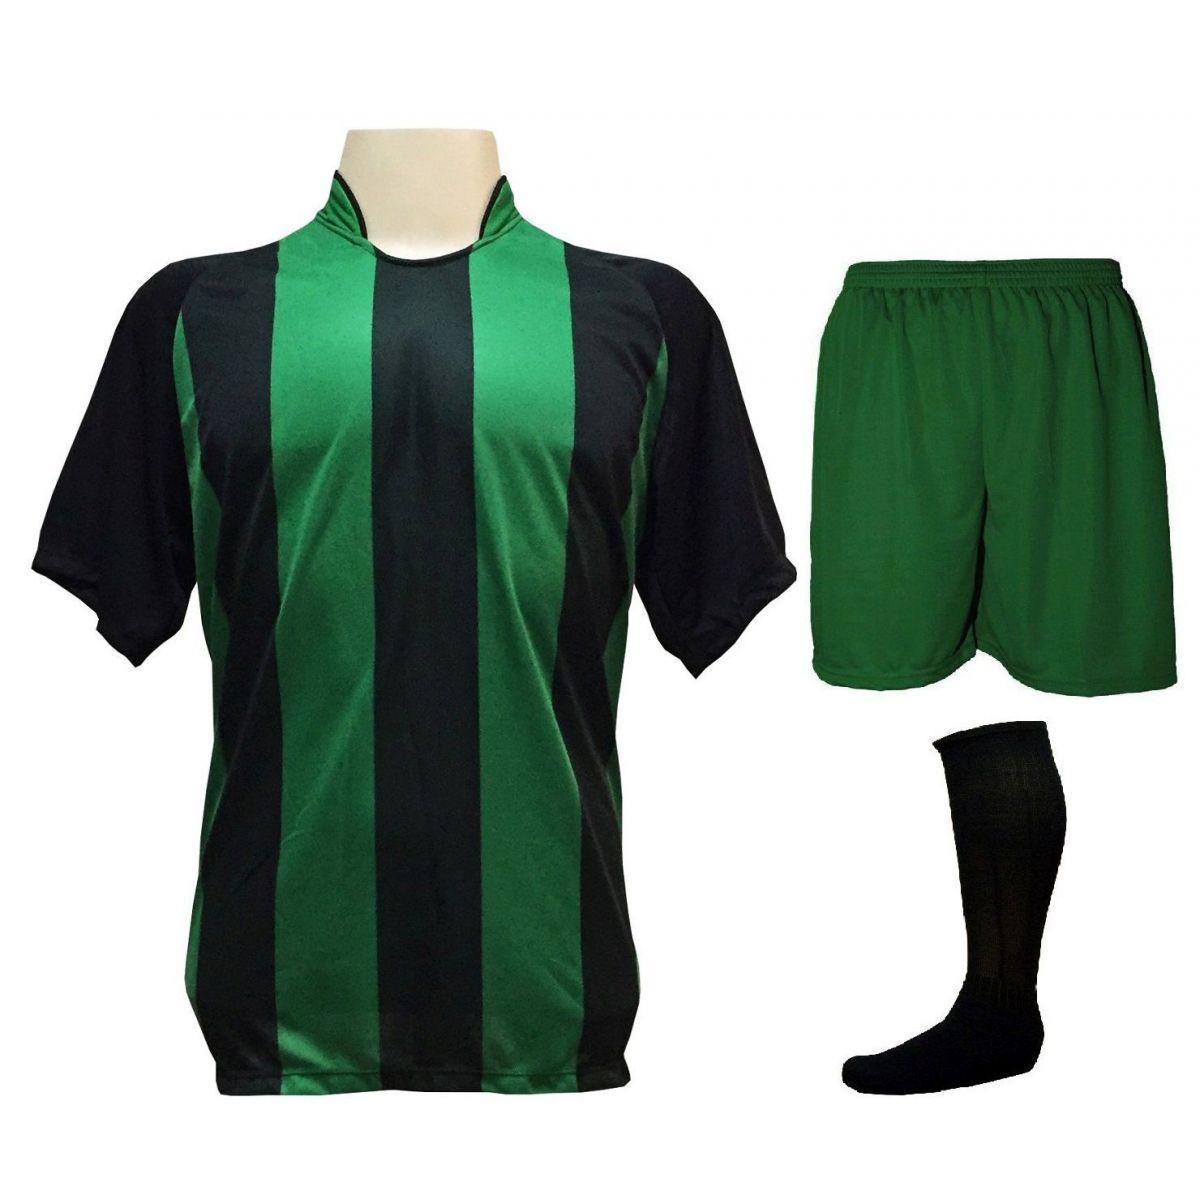 c77798dd02 Uniforme Esportivo com 20 camisas modelo Milan Preto Verde + 20 calções  modelo Madrid Verde + 20 pares de meiões Preto - Play fair R  1.019